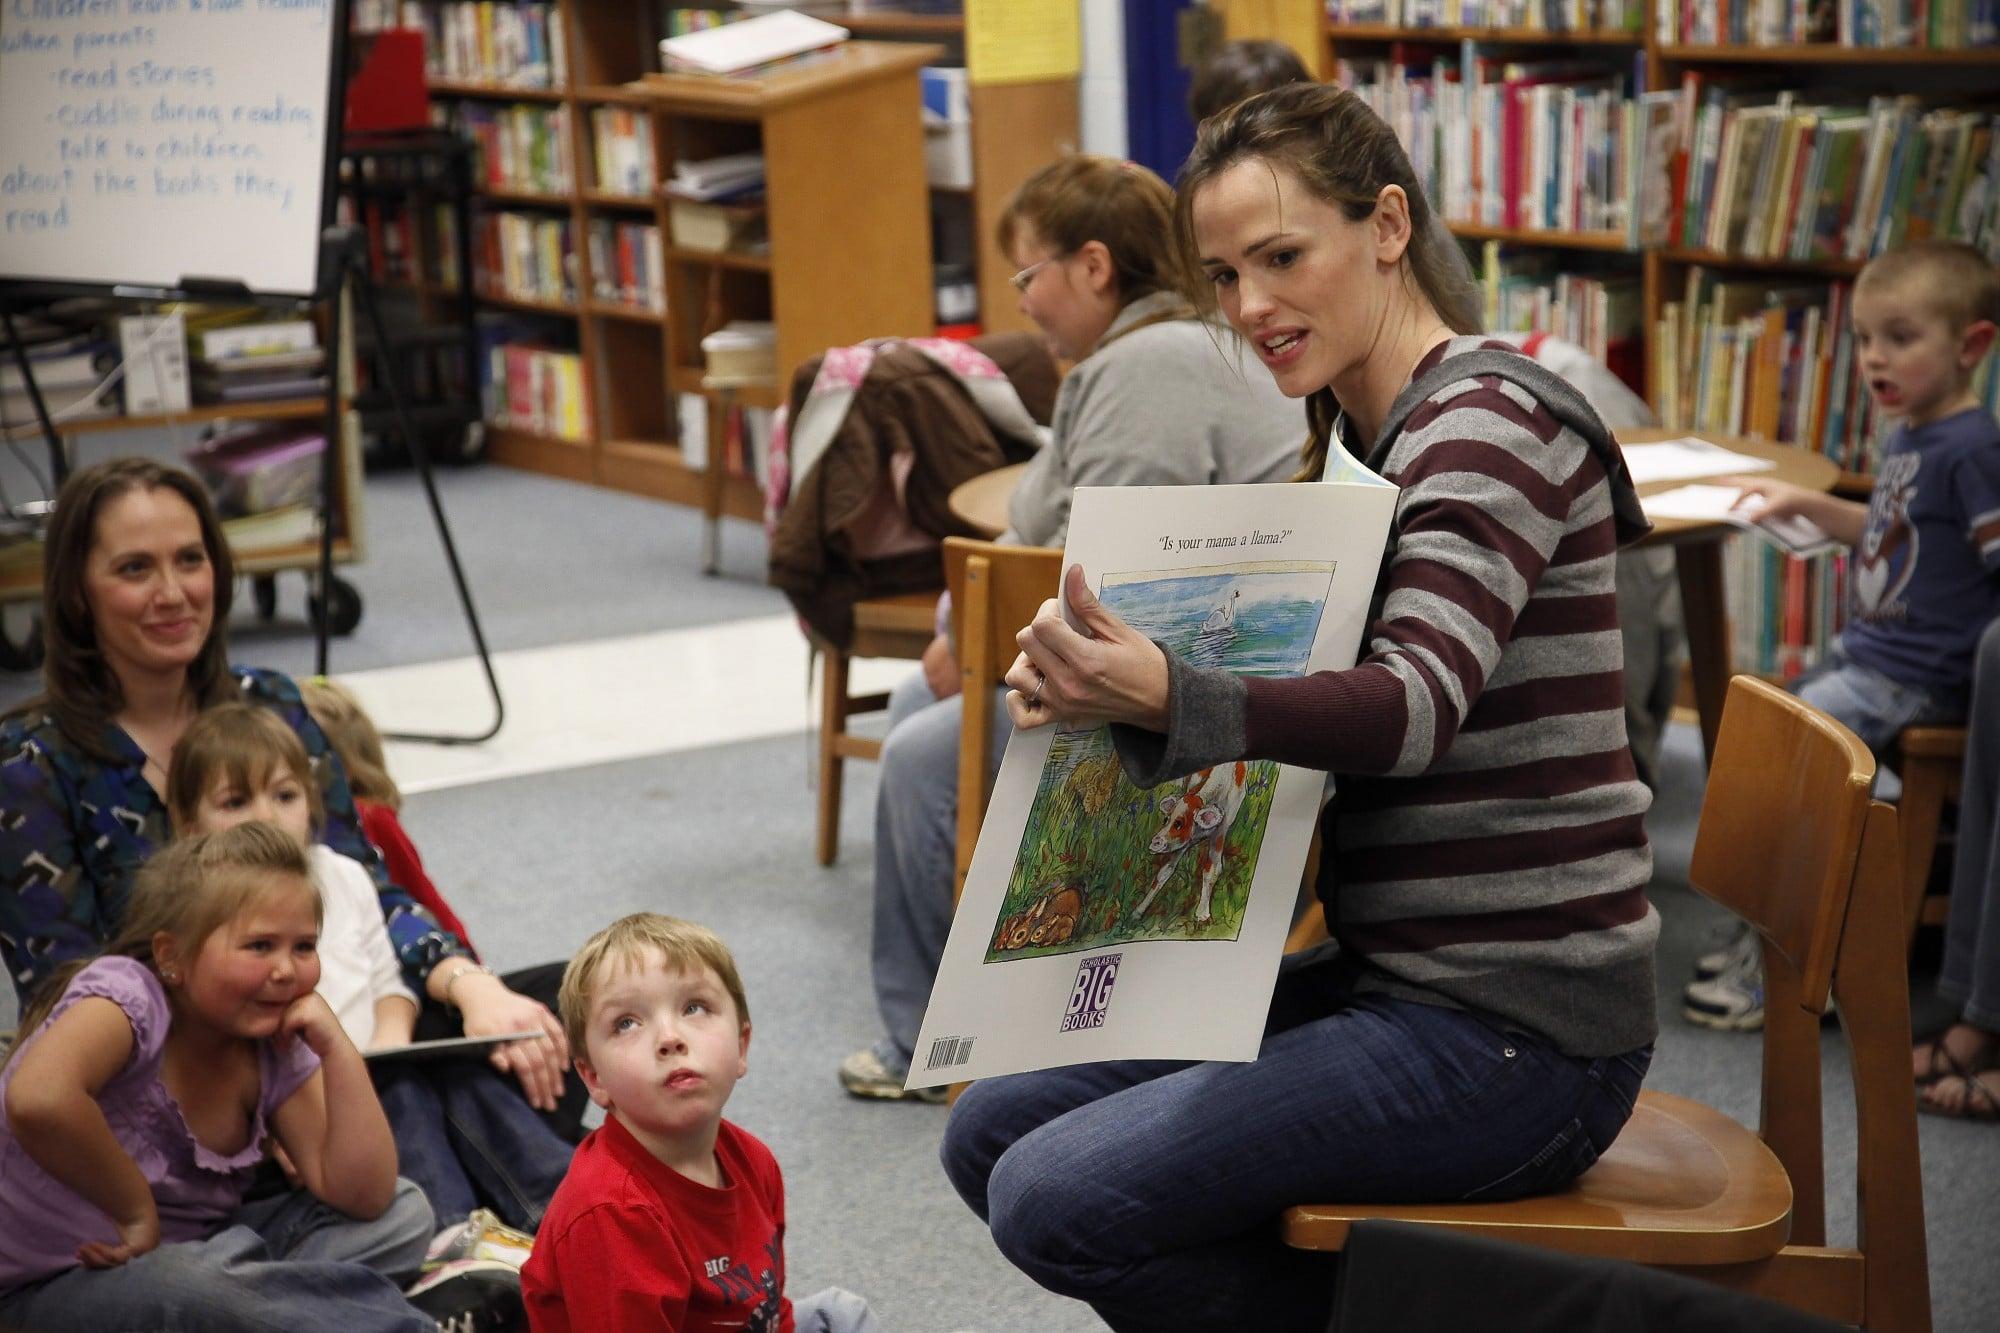 SOCIAL GOOD: An Interview With Save The Children Ambassador Jennifer Garner